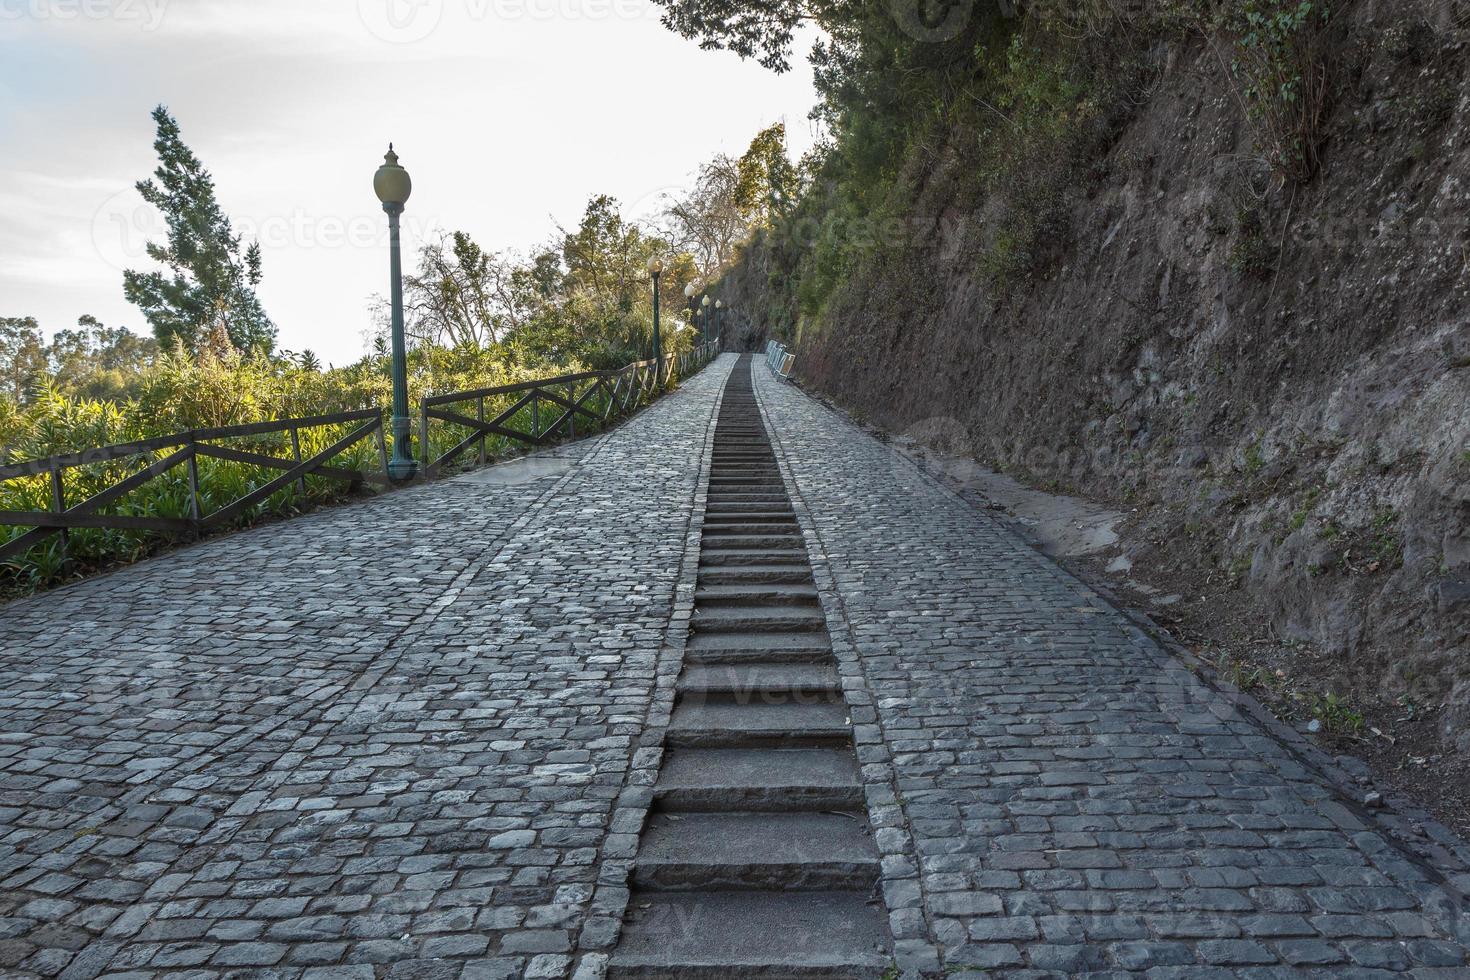 Fußweg und Treppe foto